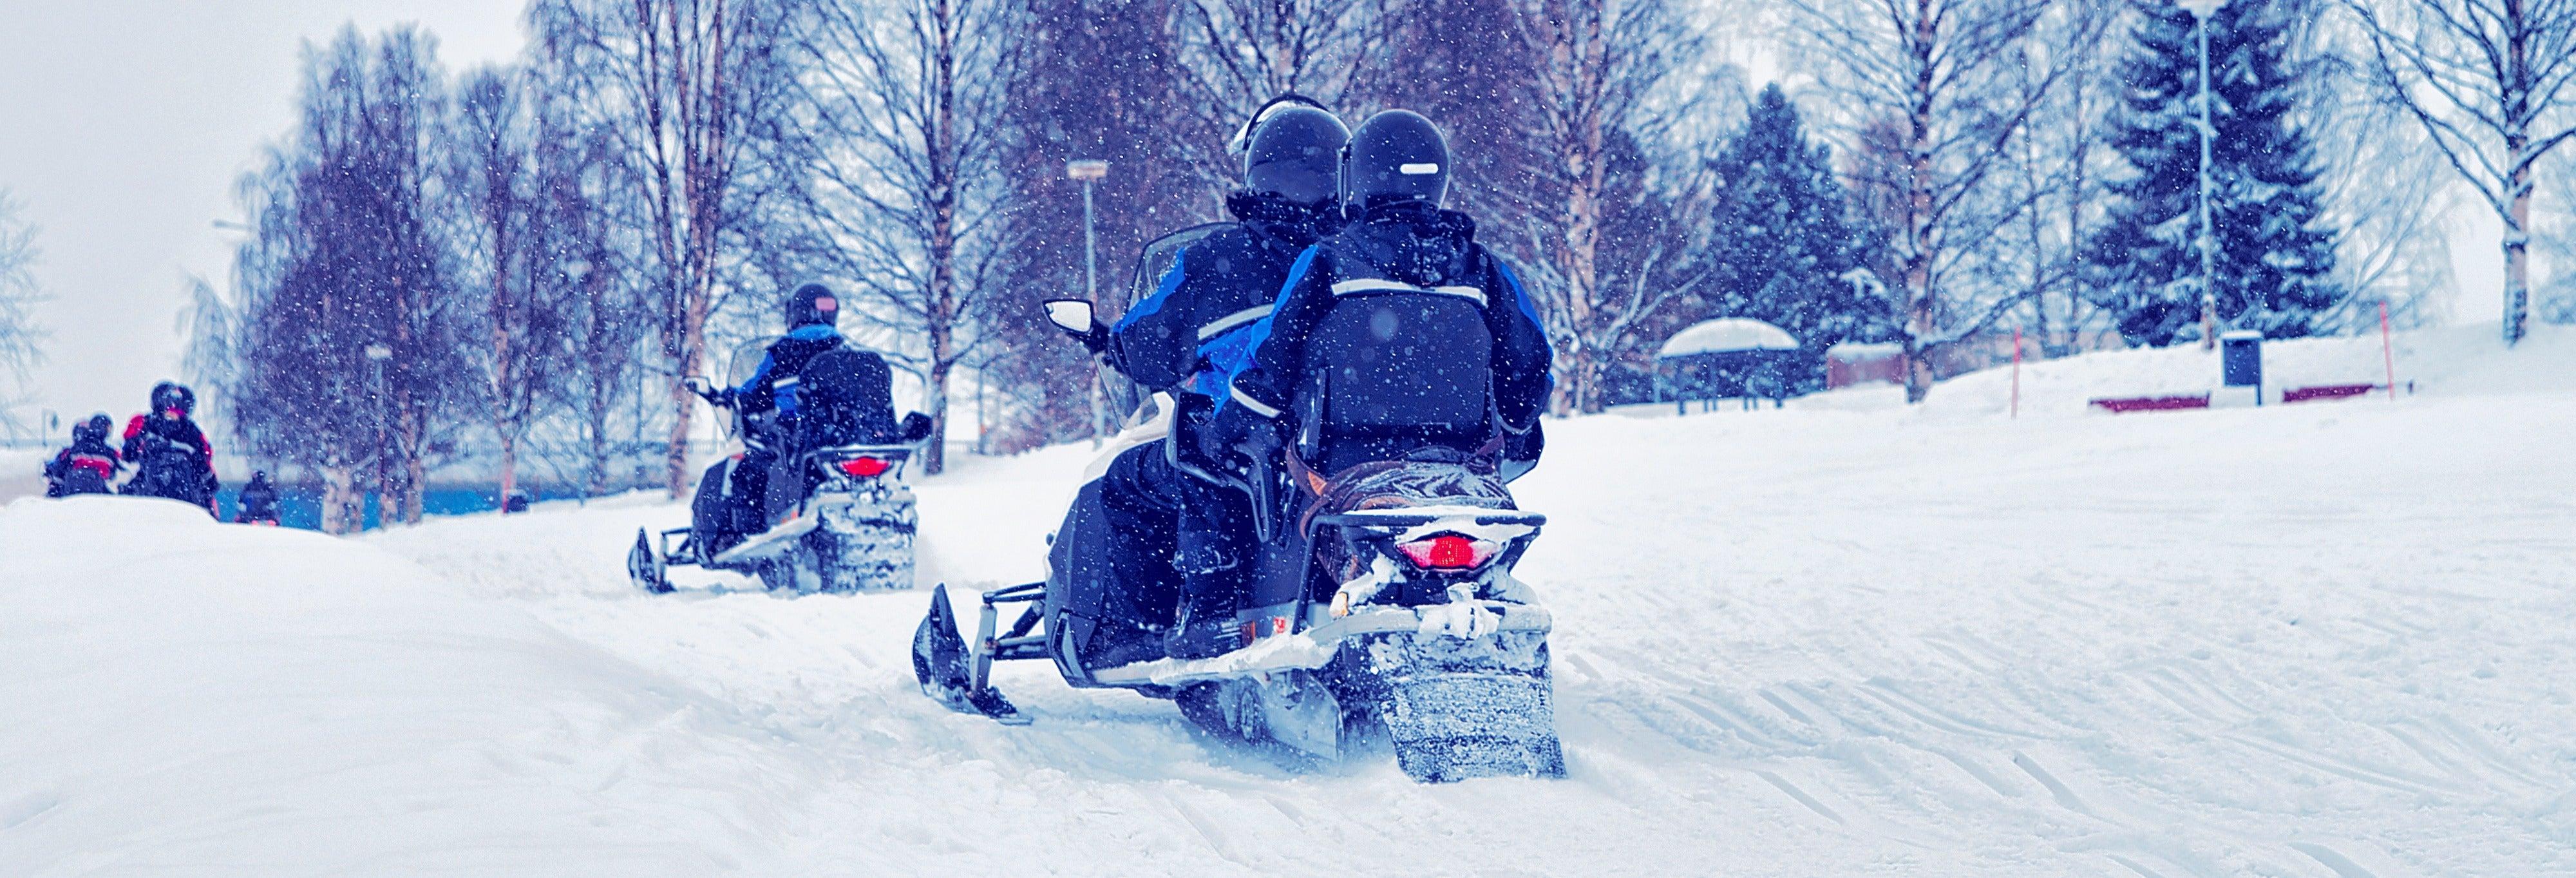 Passeio de moto de neve + Pesca no gelo